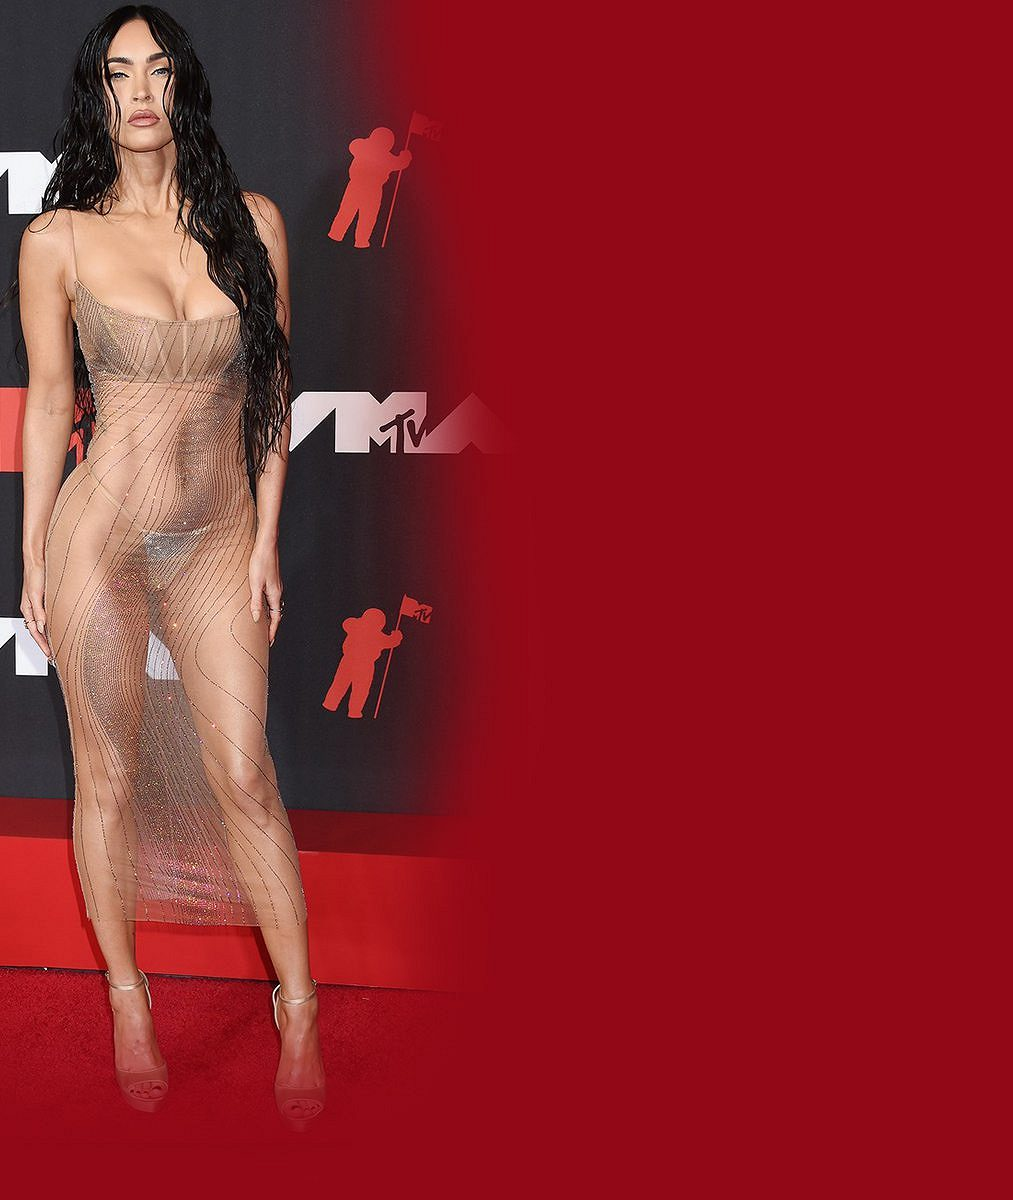 Pikantnější fotky dnes neuvidíte: Kourtney Kardashian a Megan Fox se k sobě tulí ve spodním prádle i nahoře bez